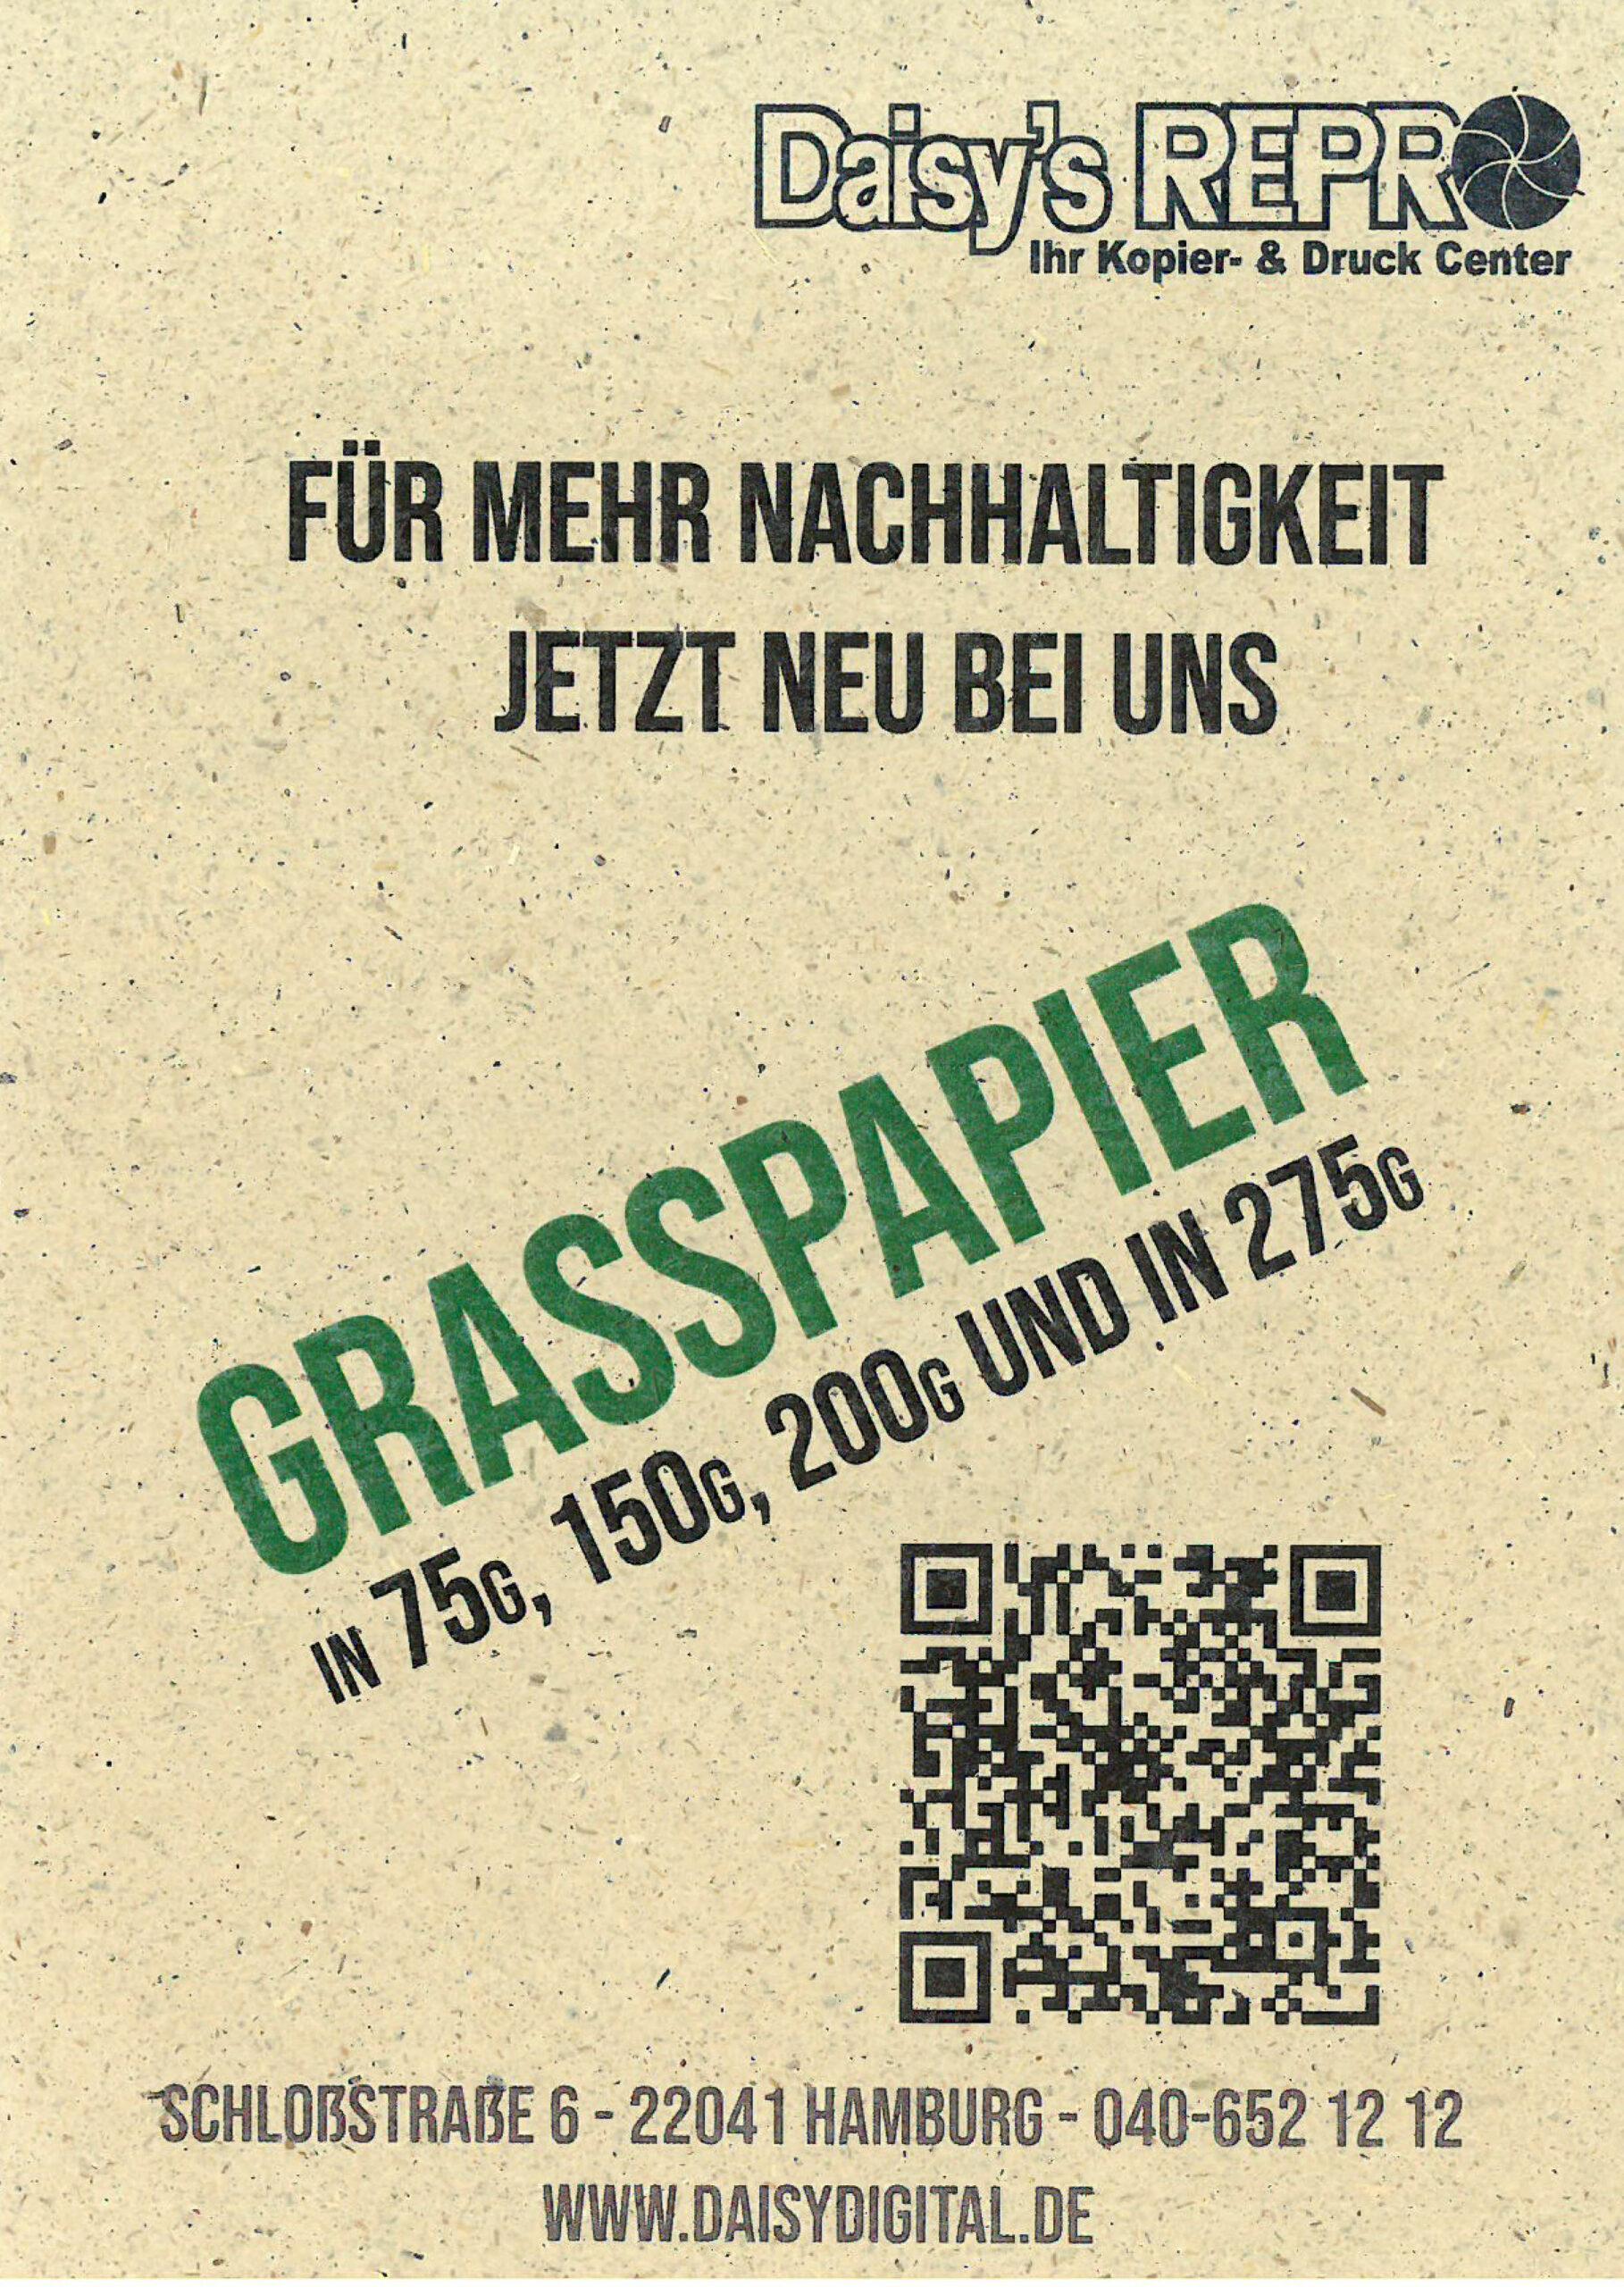 Grasspapier